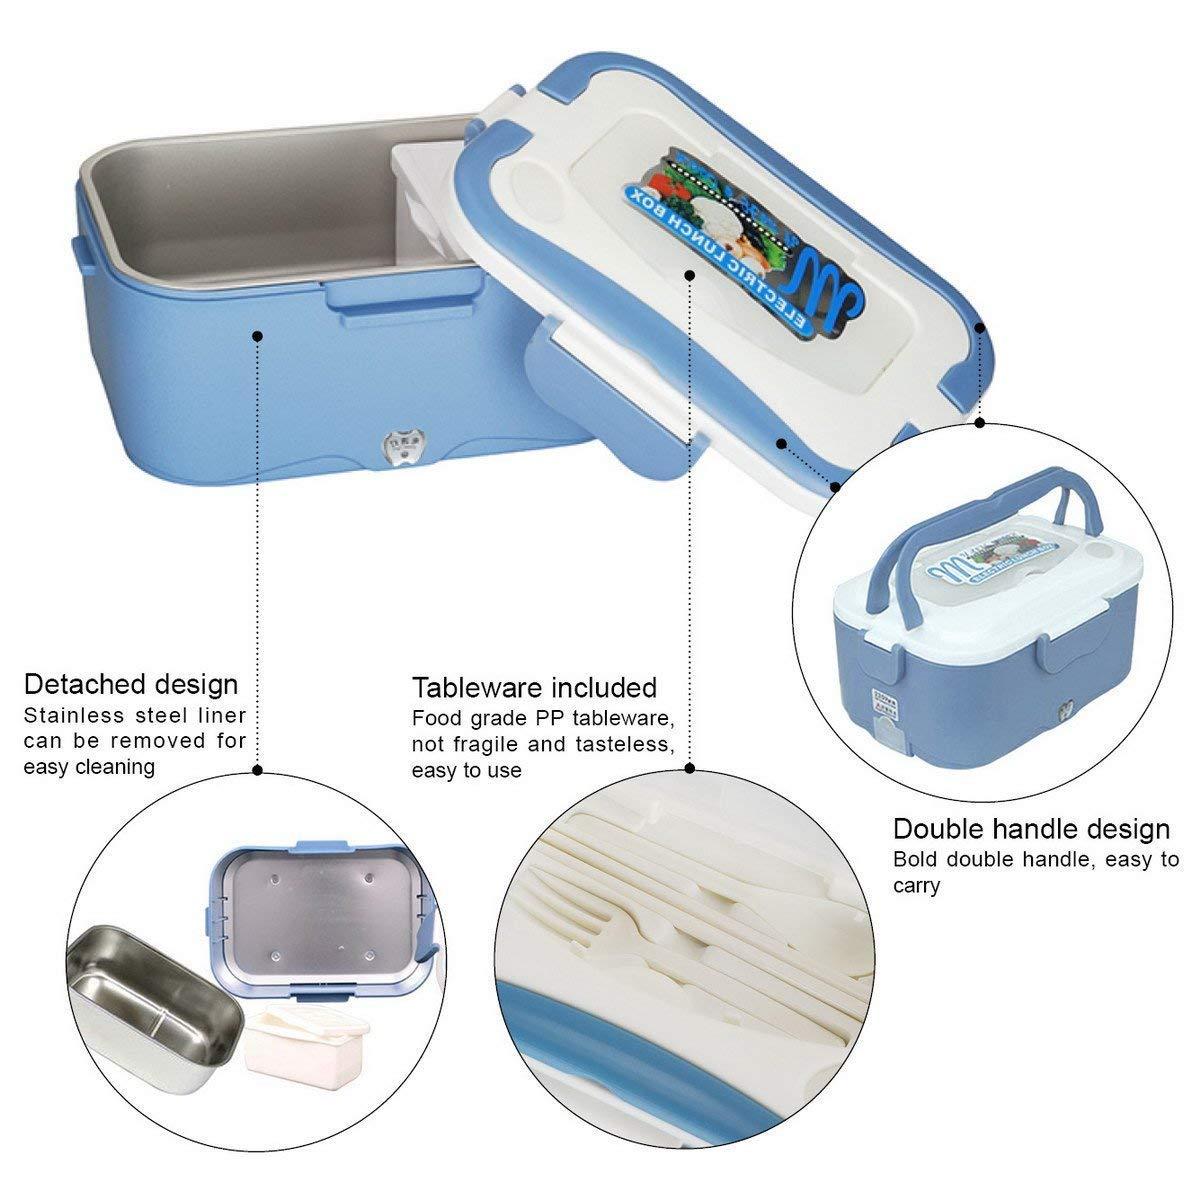 Caja de almuerzo, Caja de almuerzo de camión eléctrico Calentador eléctrico Calentador de agua eléctrico portátil de 35 vatios para el conductor del camión ...